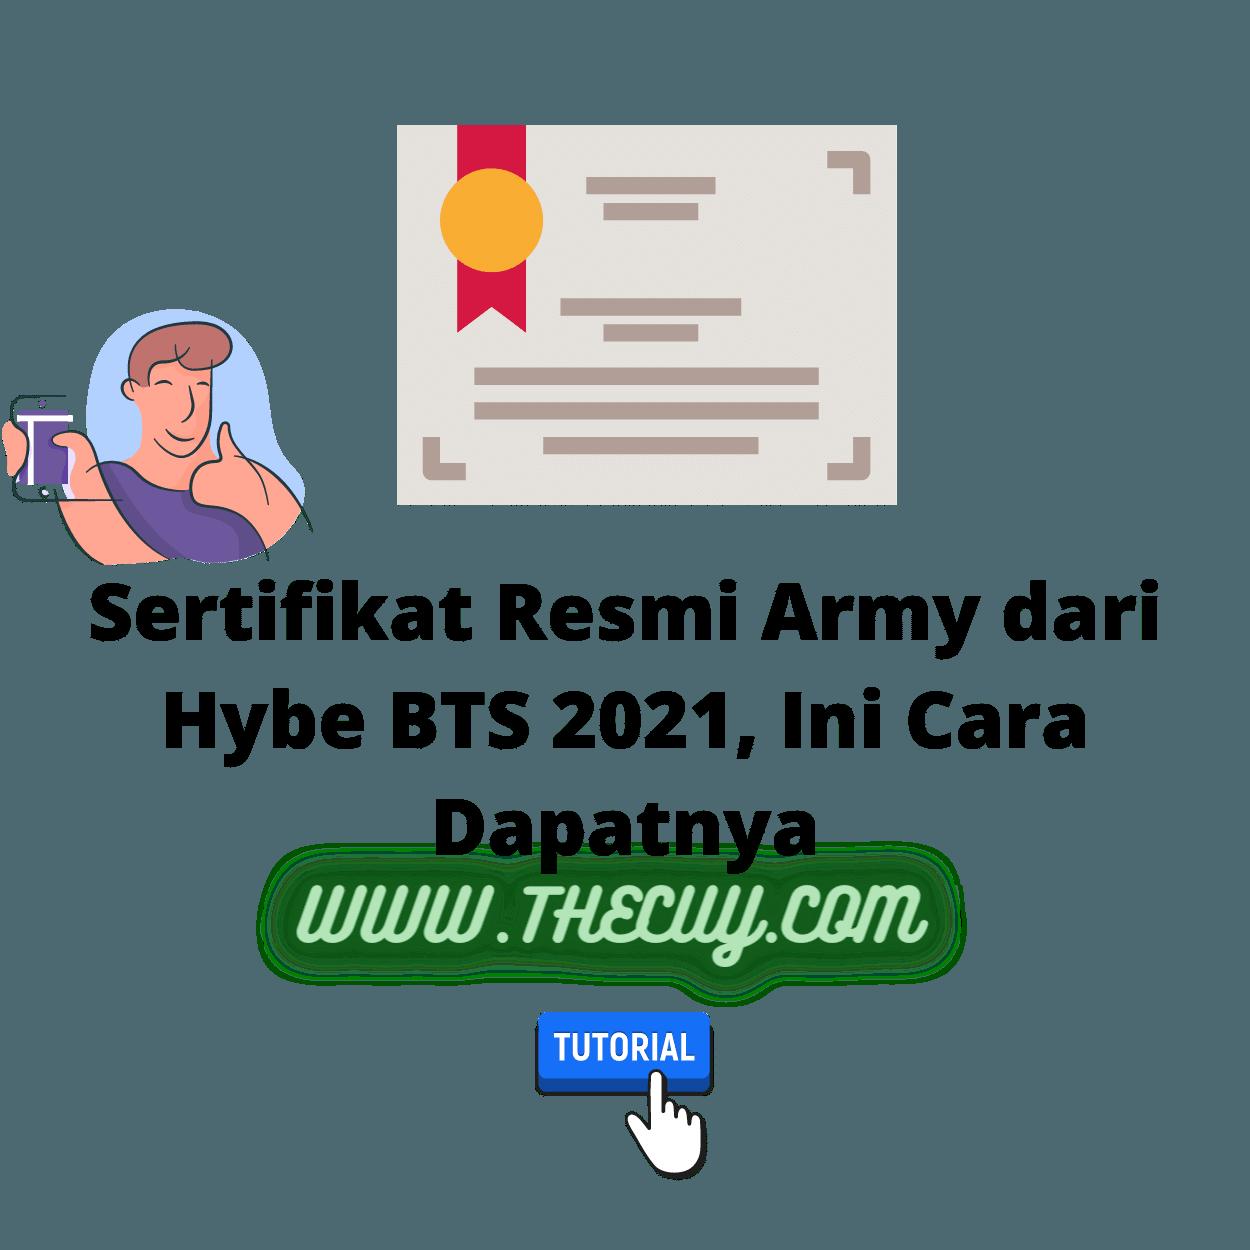 Sertifikat Resmi Army dari Hybe BTS 2021, Ini Cara Dapatnya